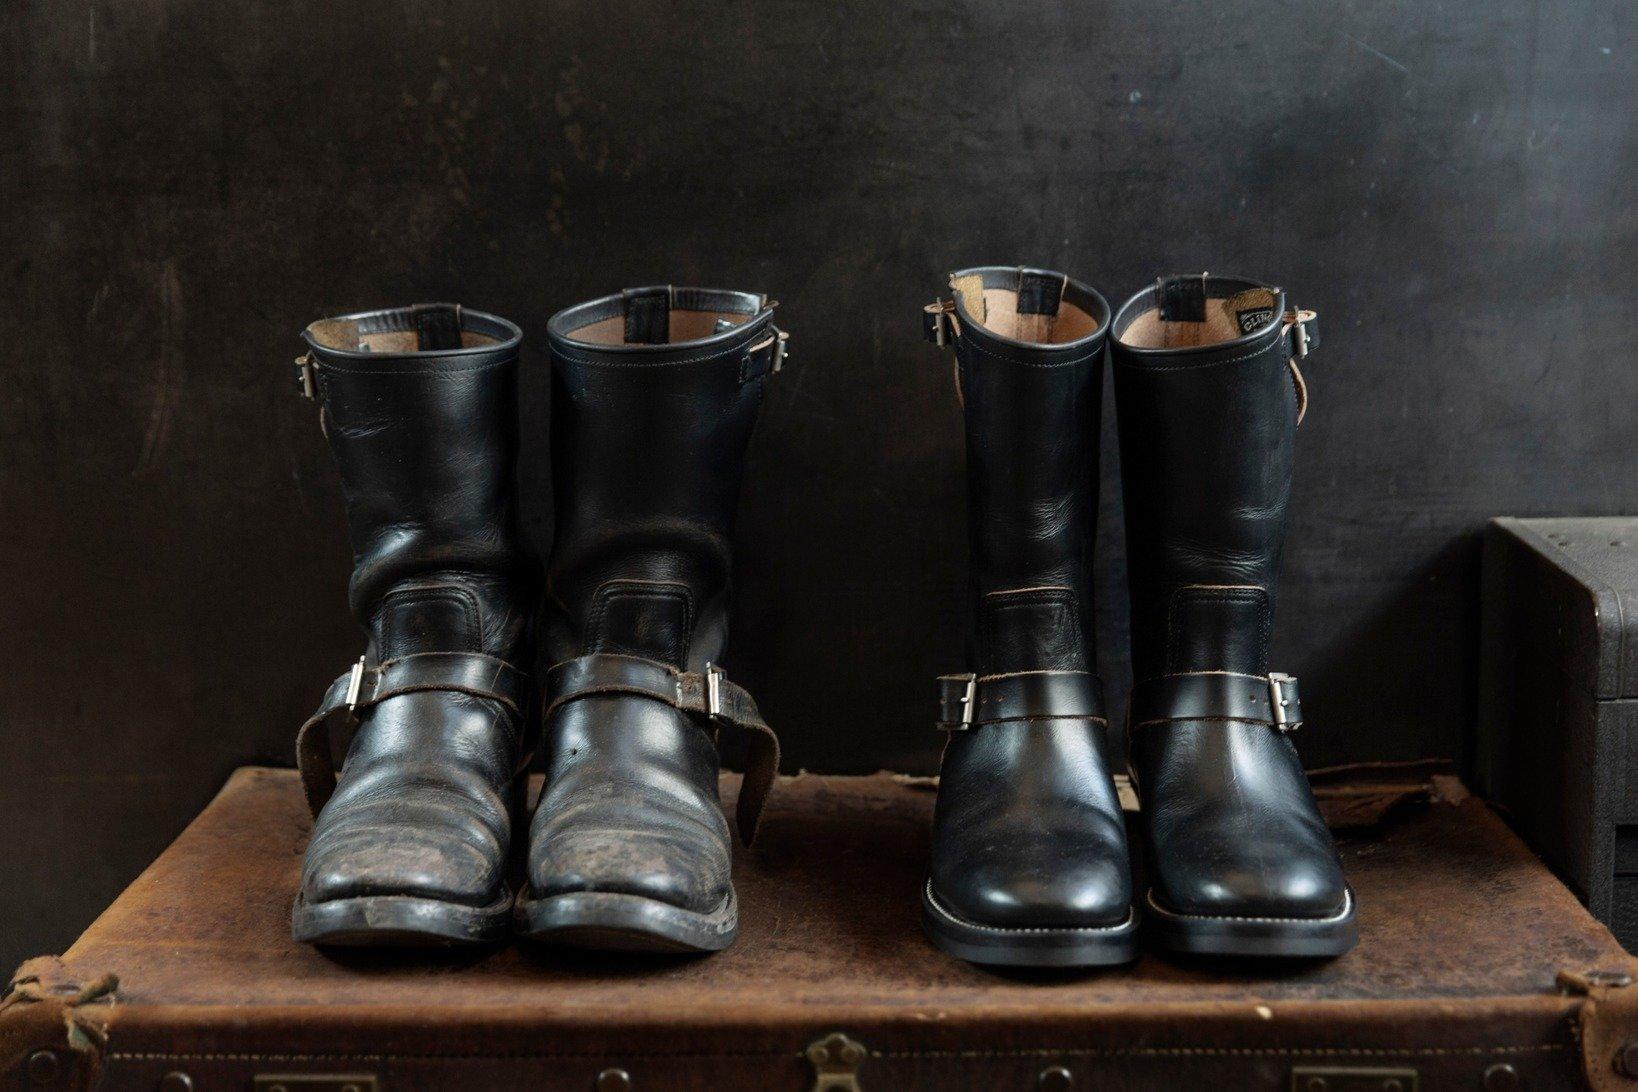 履き込む前と後を容易に比較できるのも、BRASSでCLINCHの靴を買う楽しみの一つだ。